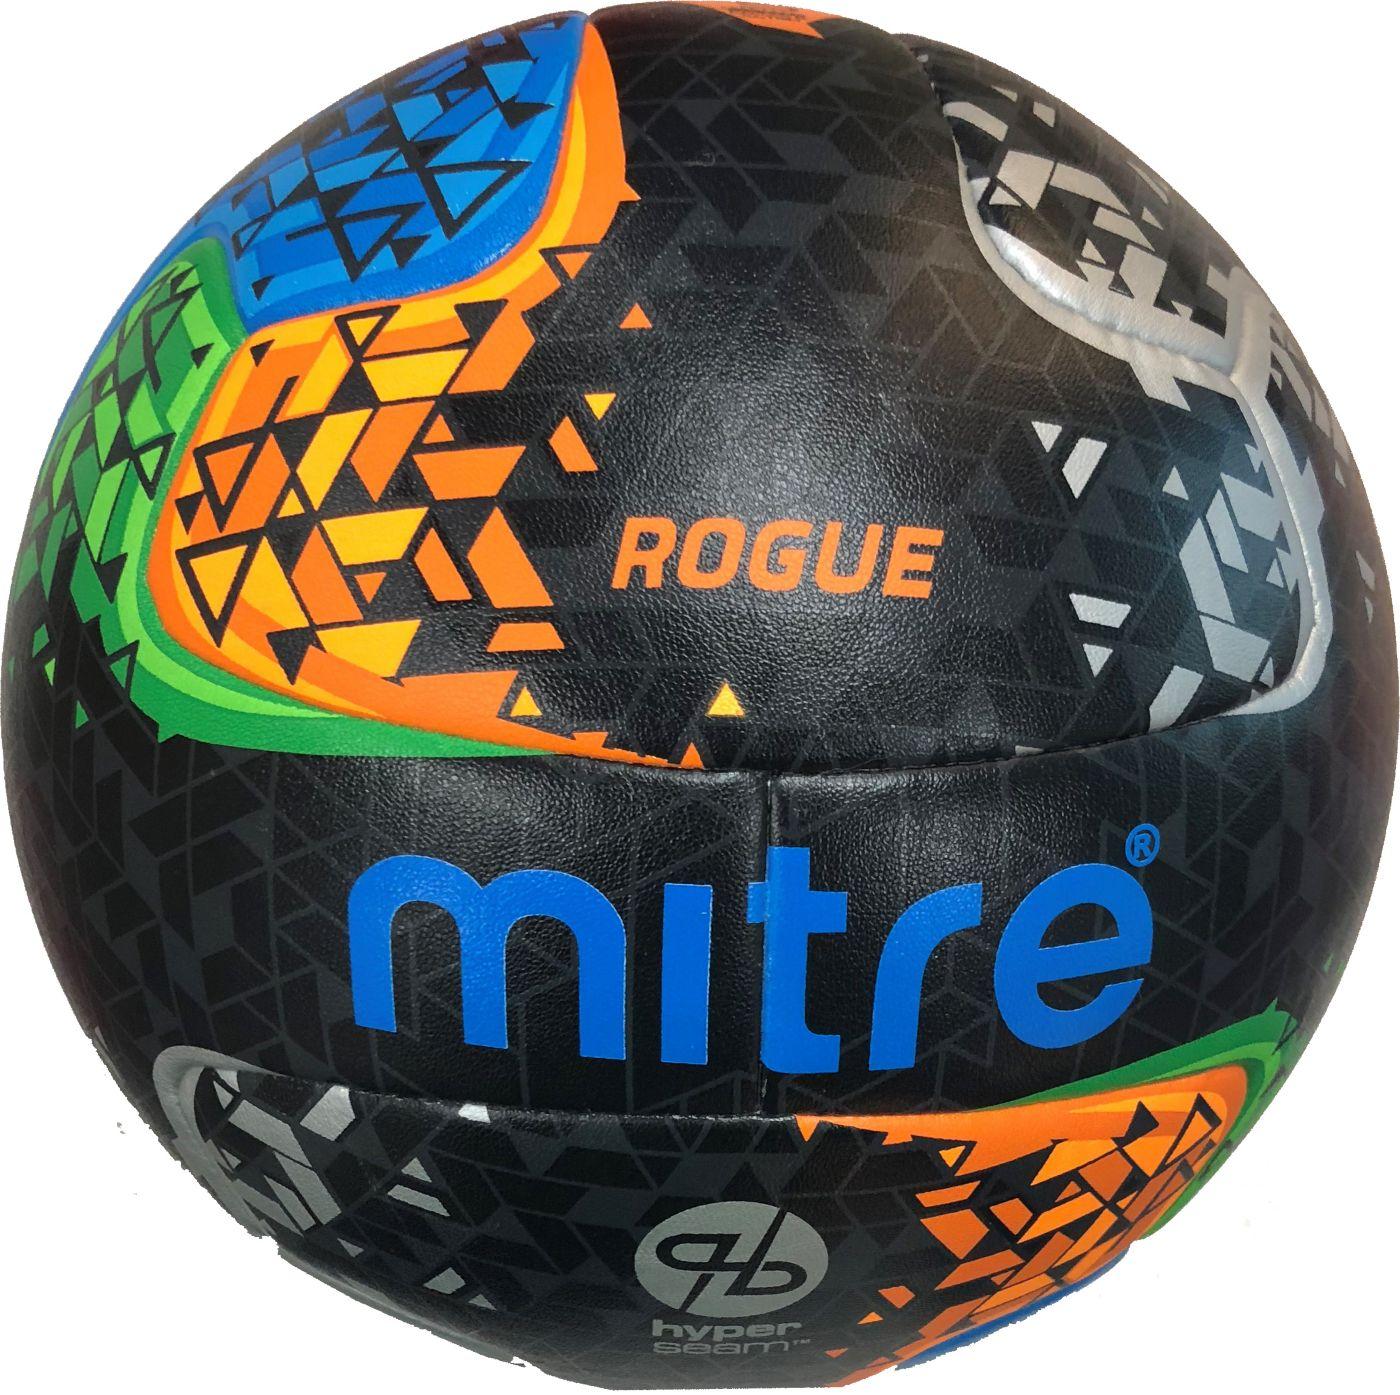 Mitre Rogue Pro Hyperseam Soccer Ball